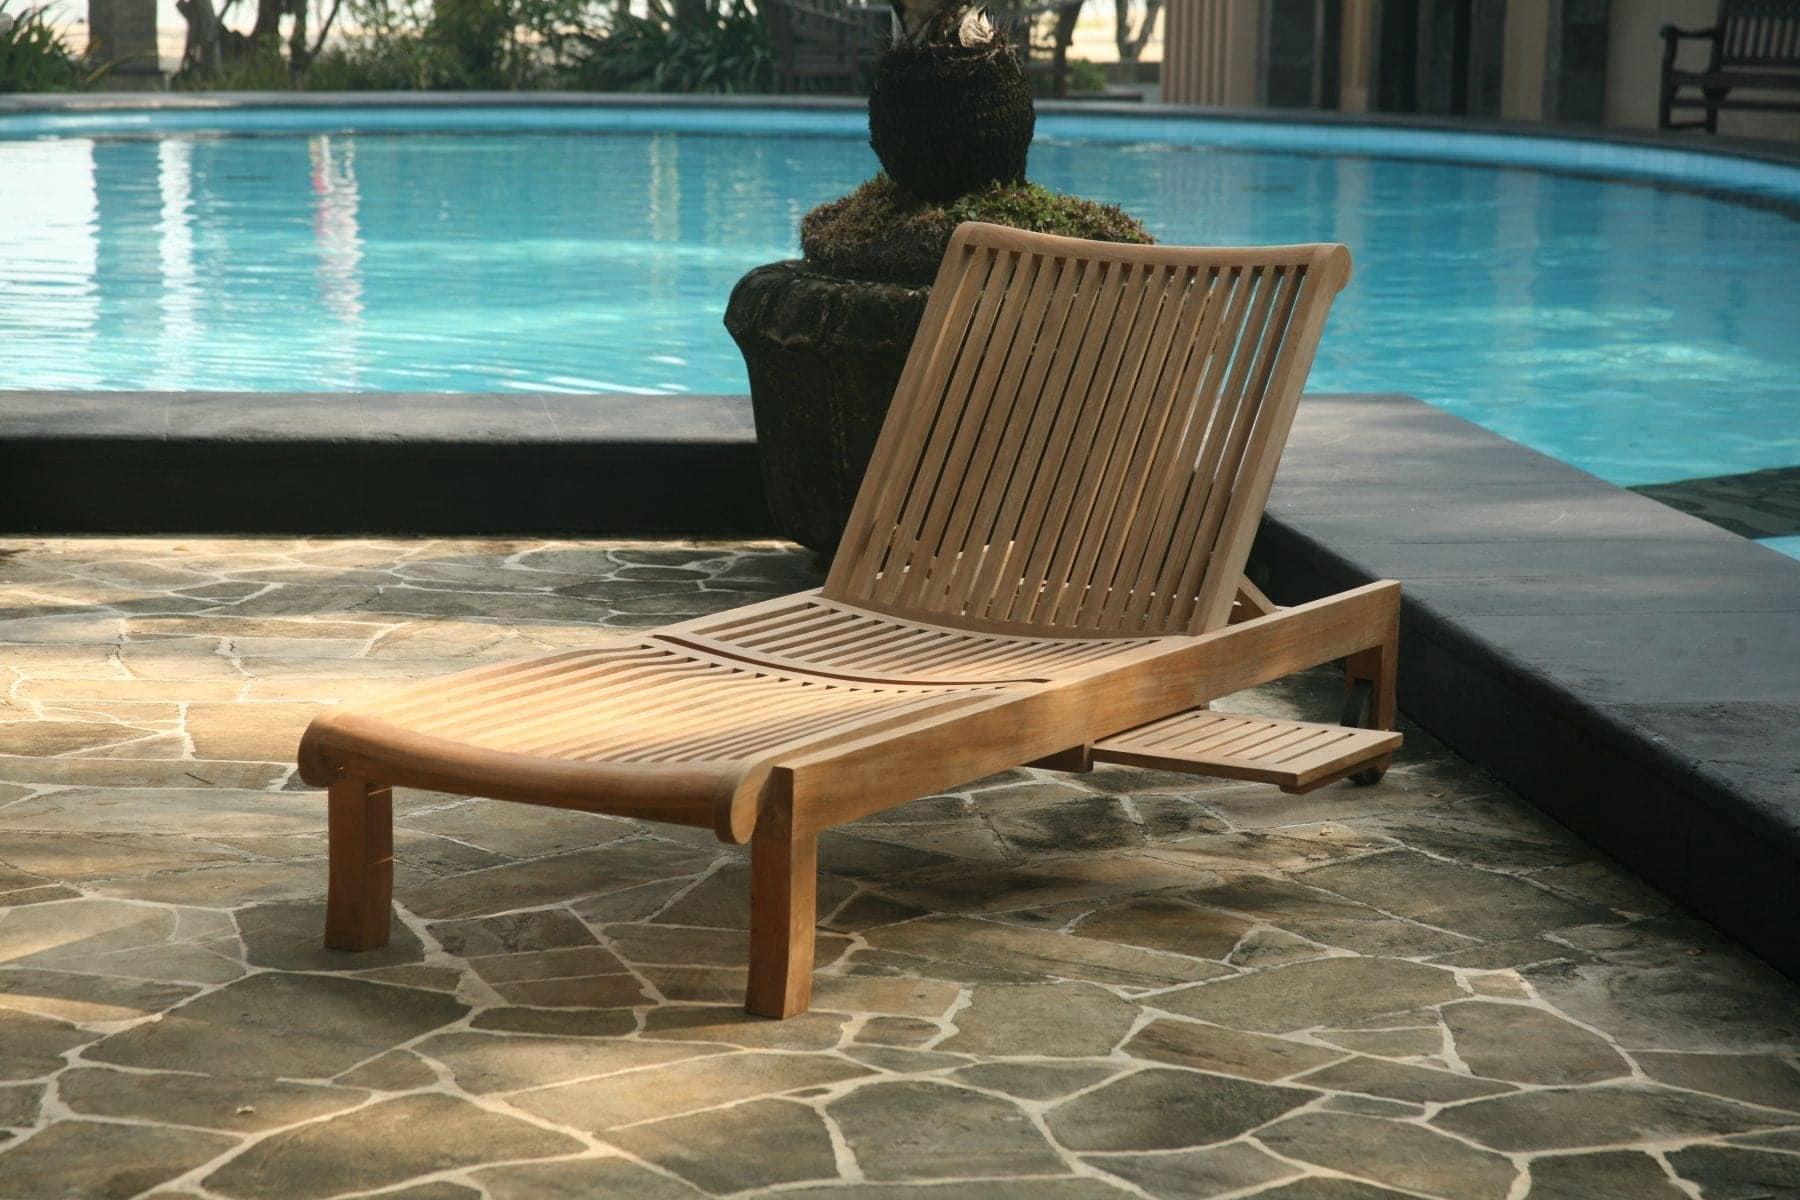 teakmöbler bali solvagn loungemöbler för trädgården och uteplatsen solstol vilstol poolstol